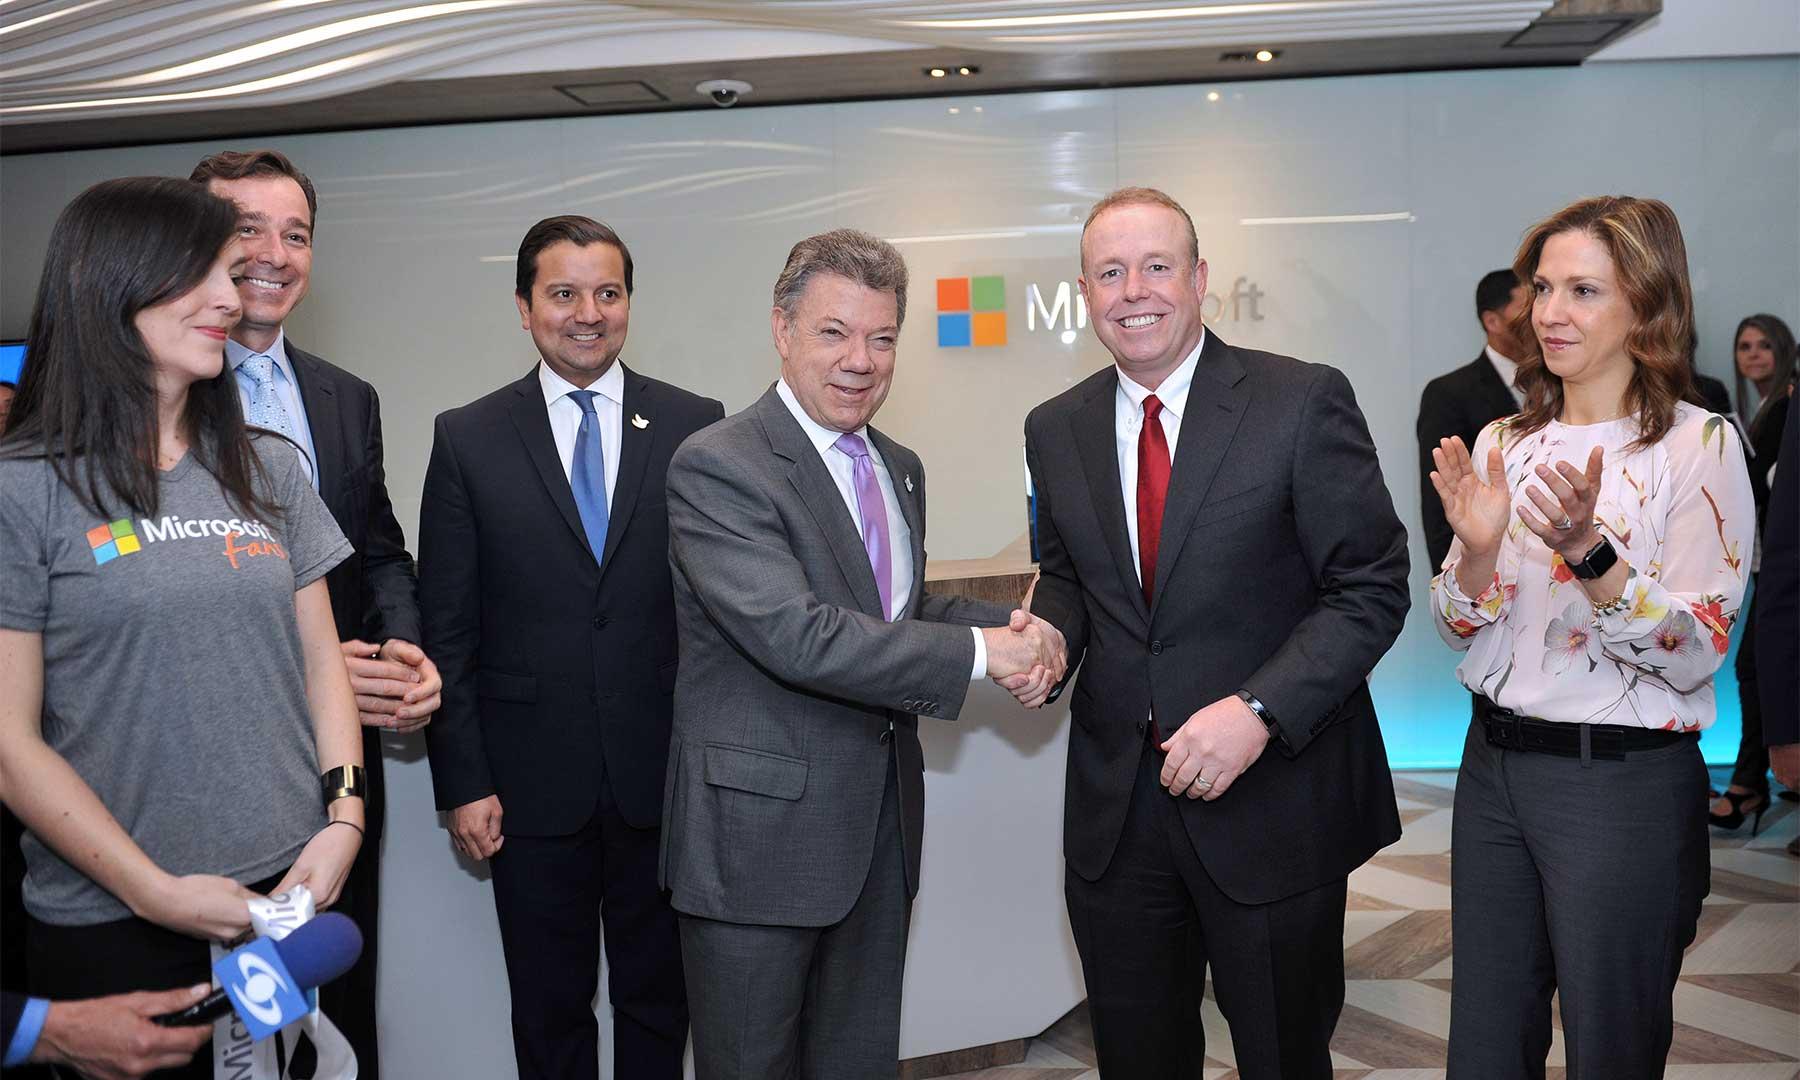 Inauguración de las oficinas de Microsoft en Colombia por parte del Presidente Santos, los ministros de TIC y Comercio y el vicepresidente mundial de operaciones de Microsoft, Kevin Turner, este martes en Bogotá.